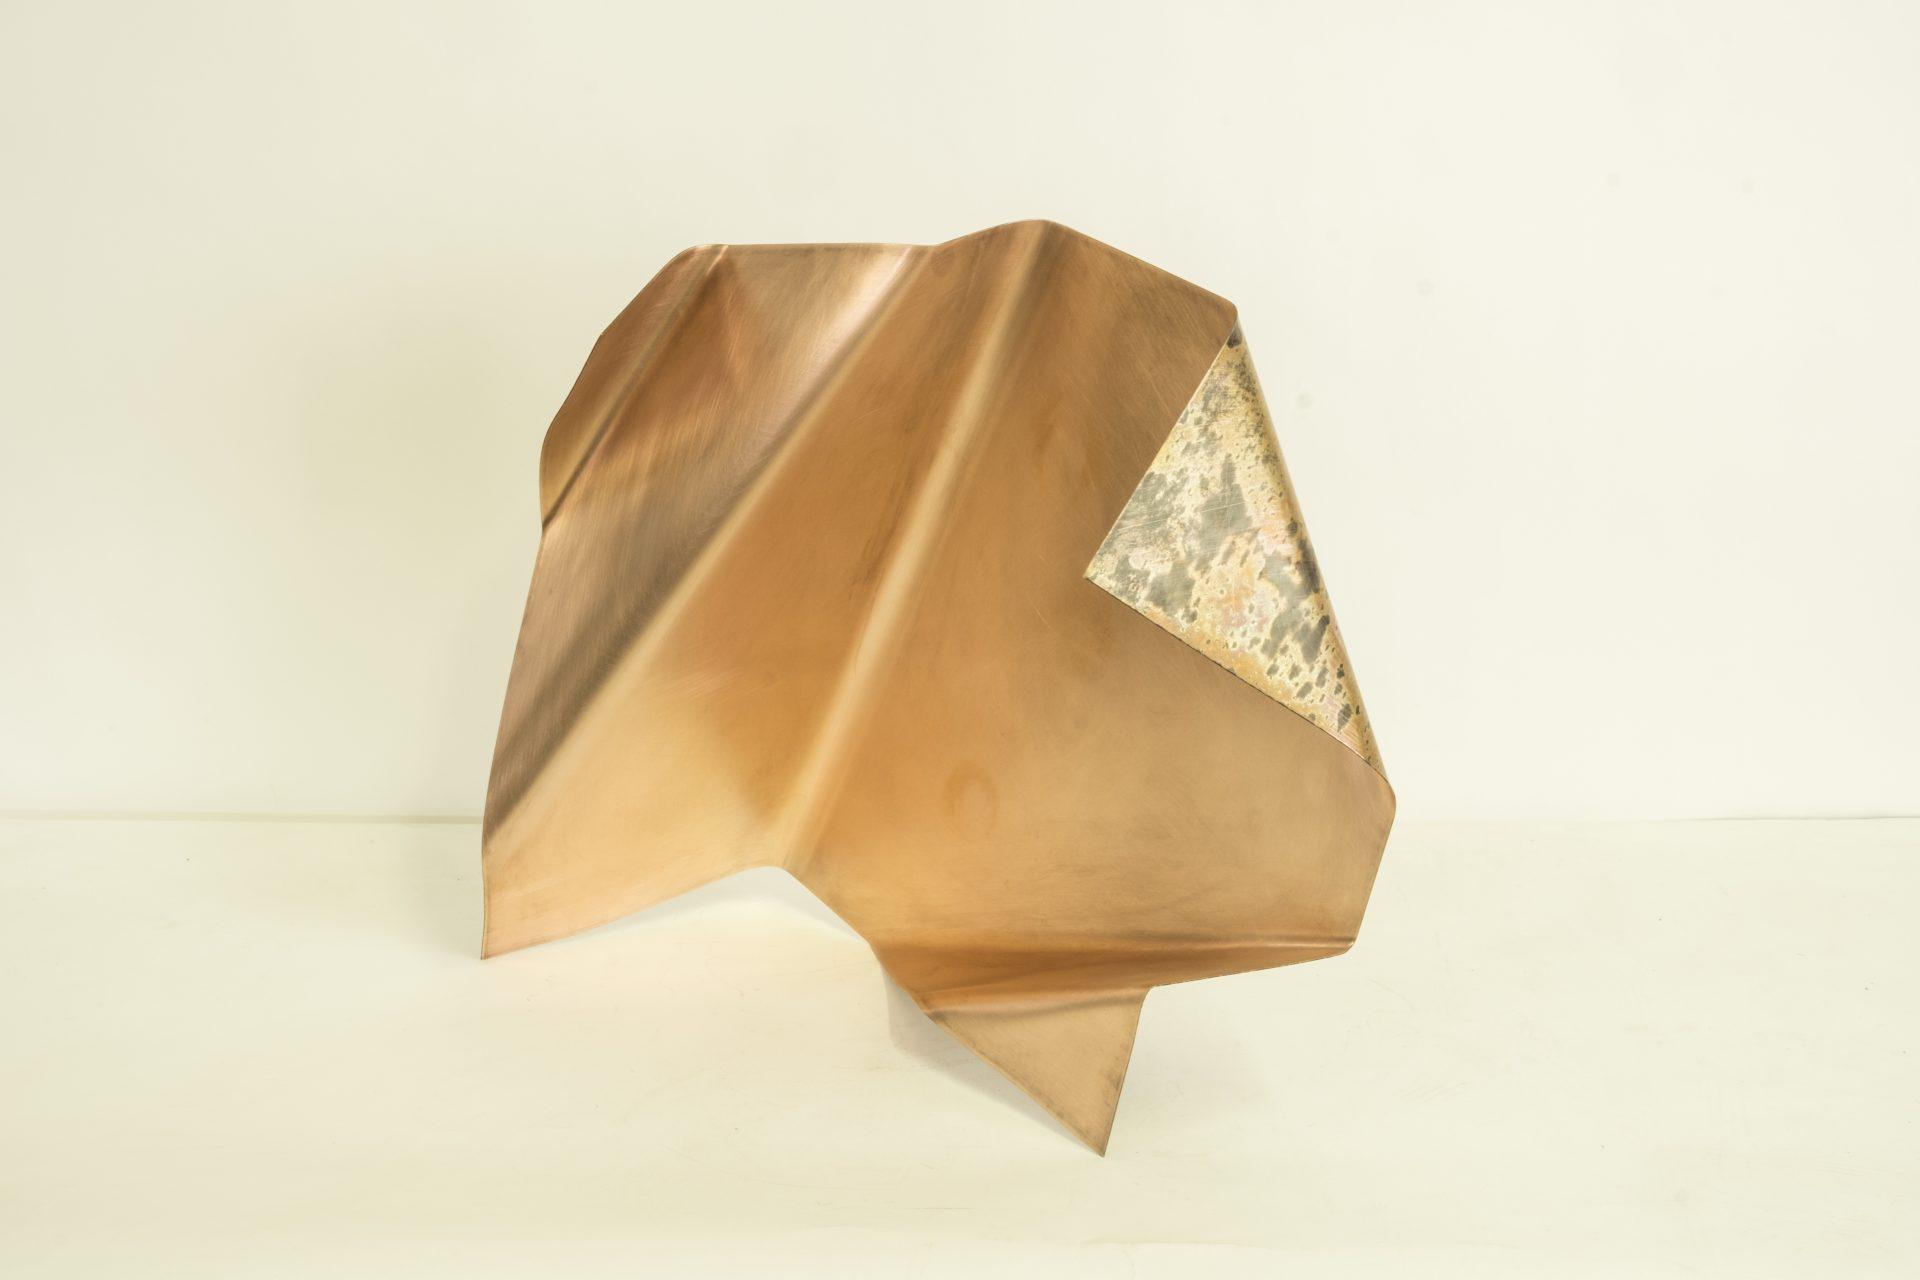 Genitori Forti<br>SPR05<br>misure: 58 x 51 x 26 cm<br>tecnica: scultura di rame<br>anno: 2018